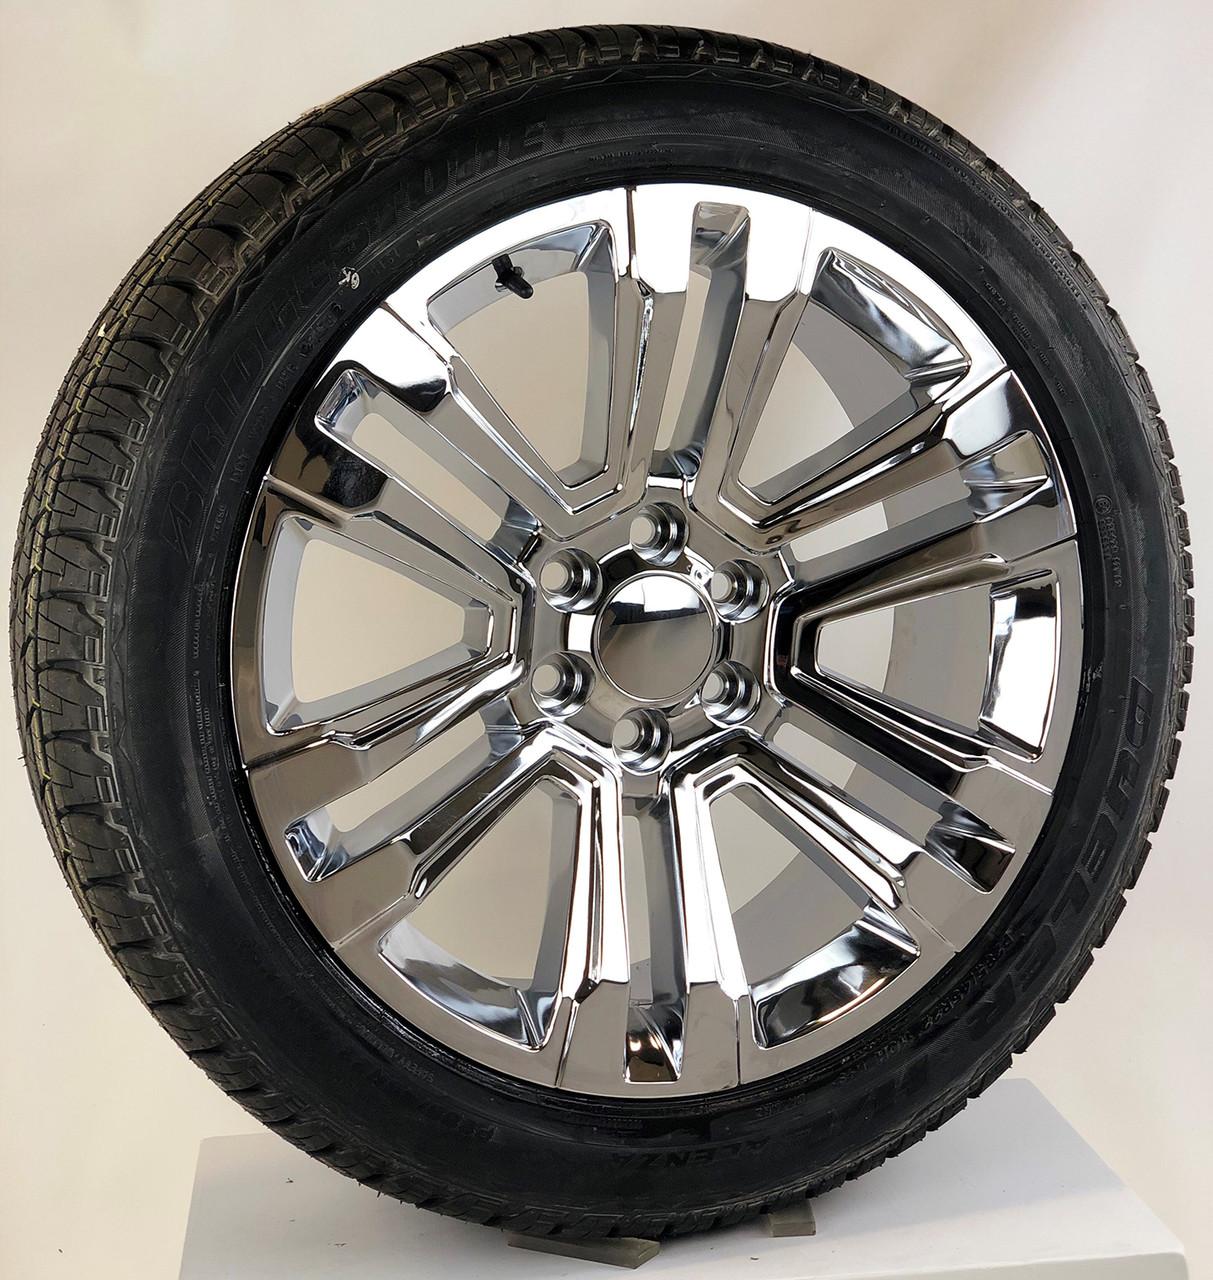 """Chrome 22"""" Denali Style Split Spoke Wheels with Bridgestone Tires for Chevy Silverado, Tahoe, Suburban - New Set of 4"""